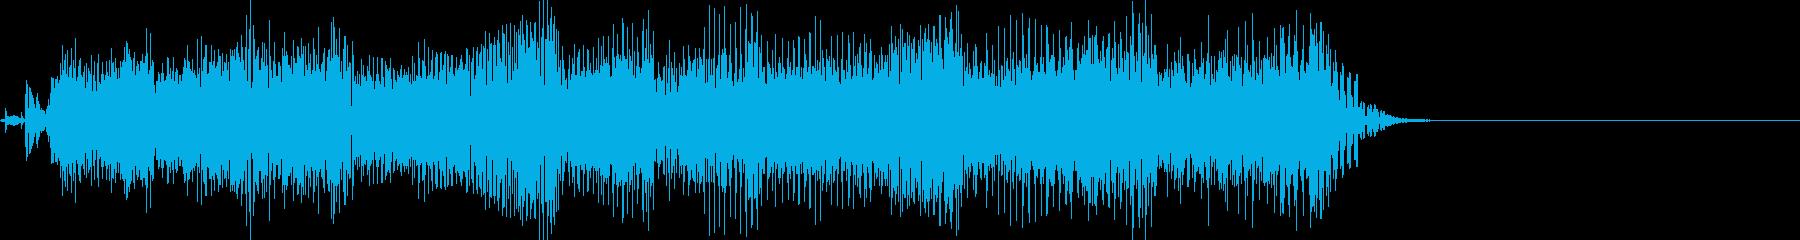 ★ジングル★マイナーロックギターリフの再生済みの波形